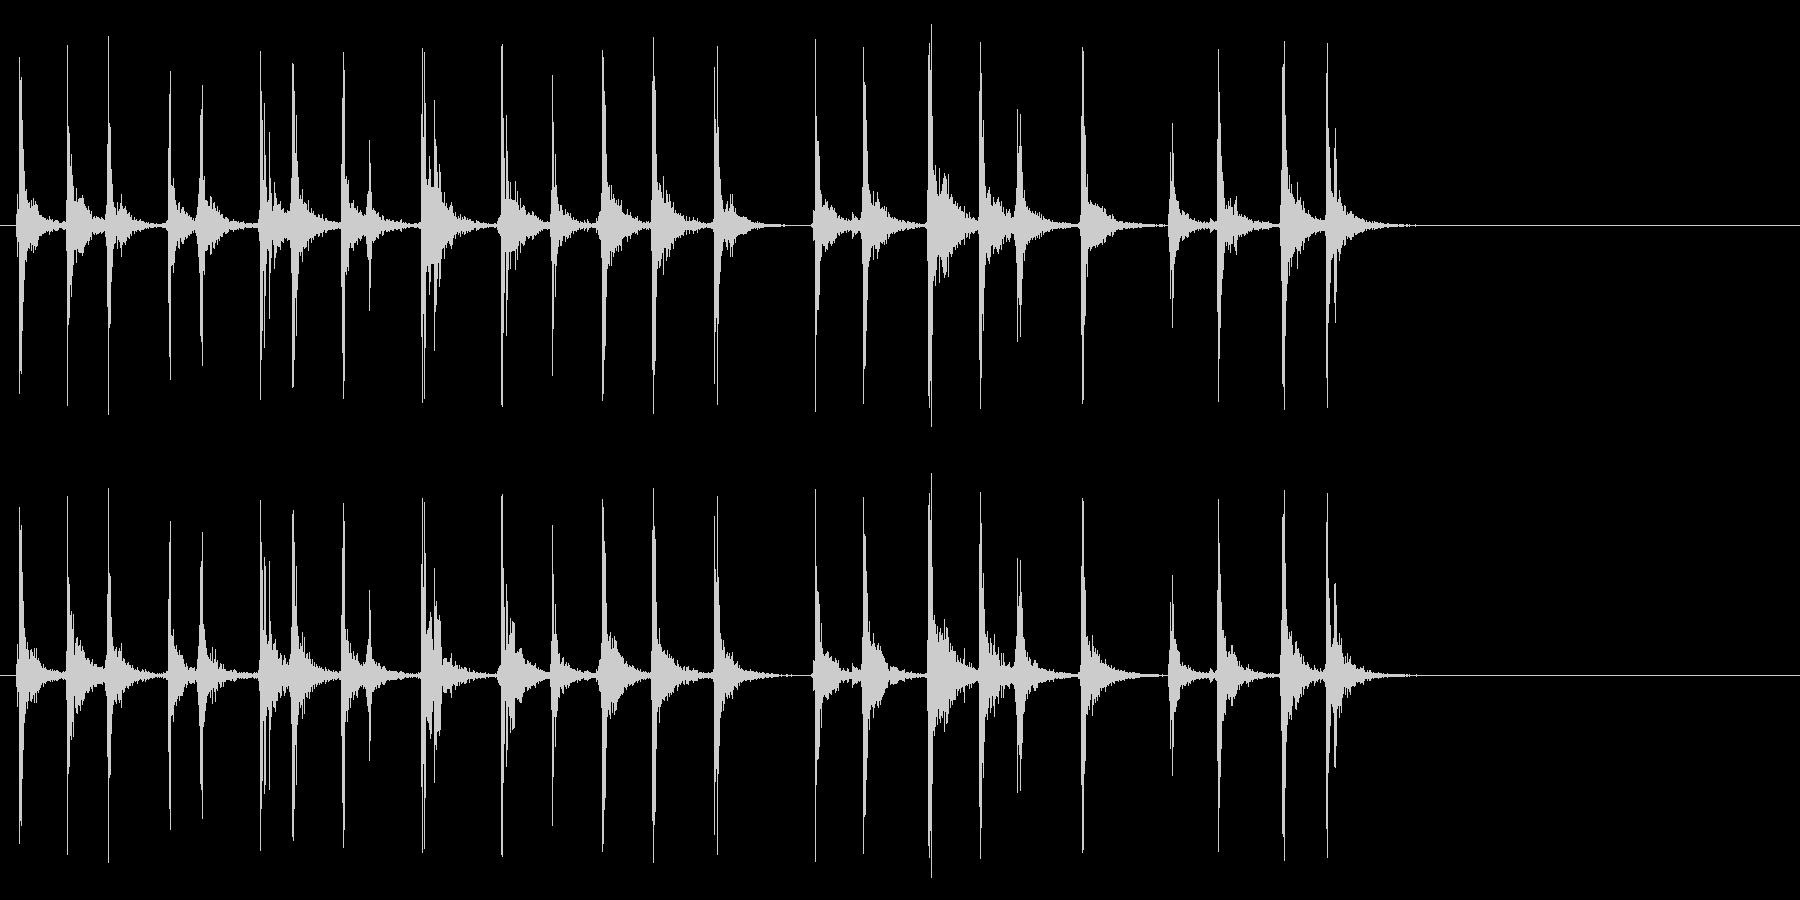 キーボードをカチャカチャと叩く音_2の未再生の波形